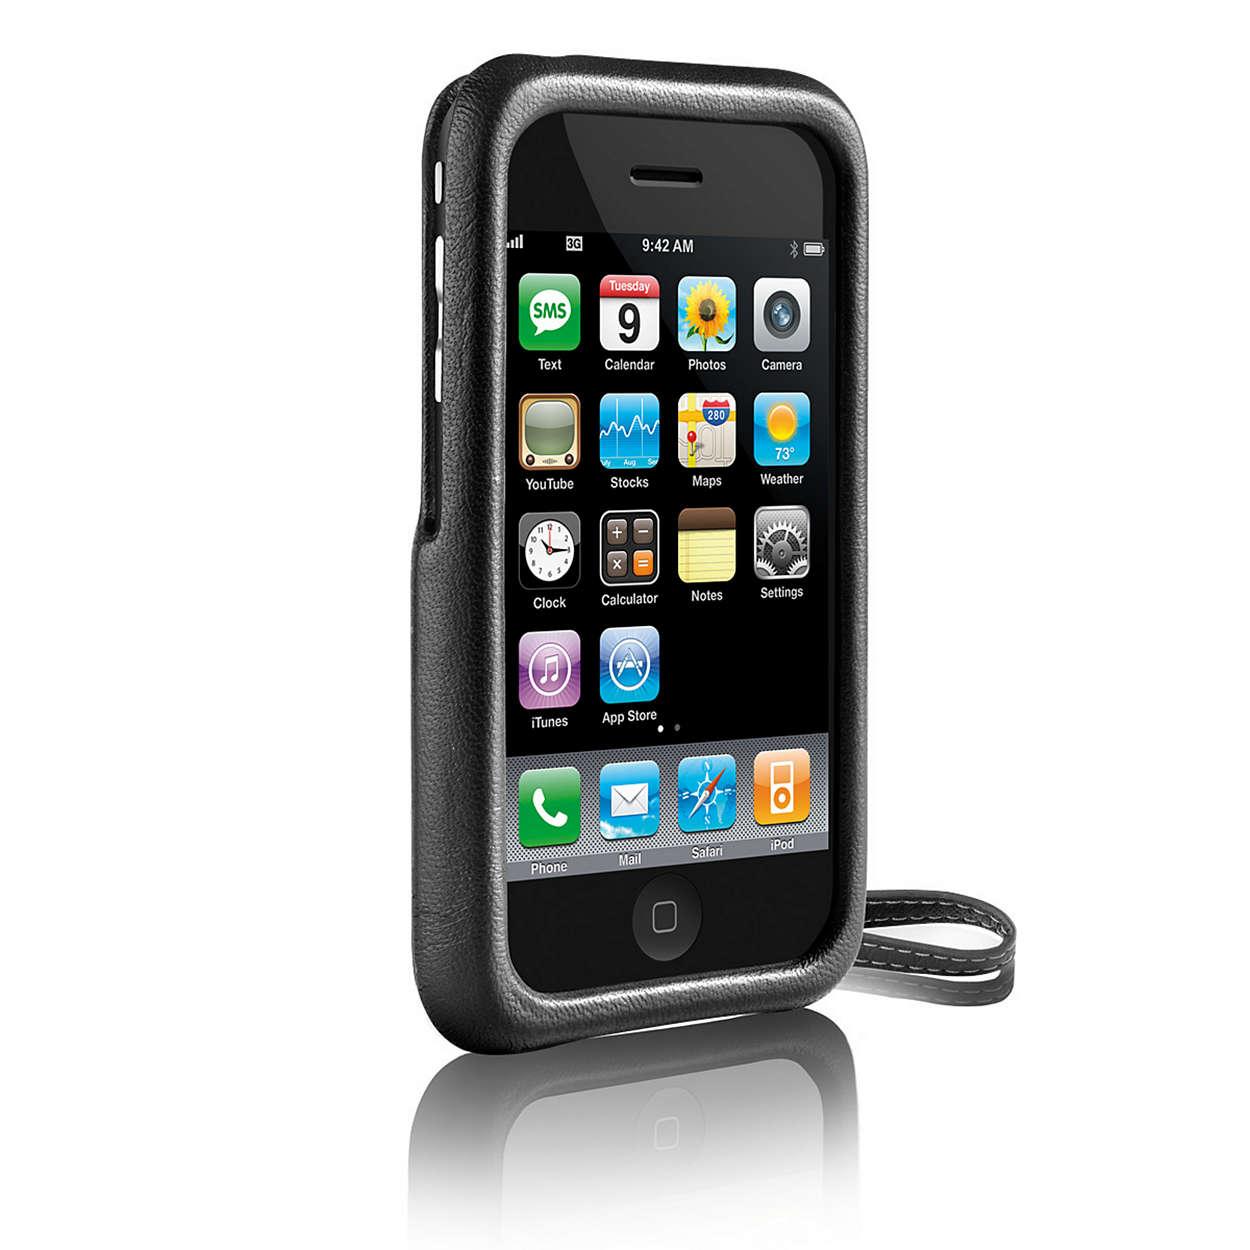 ปกป้อง iPhone ของคุณอย่างมีสไตล์